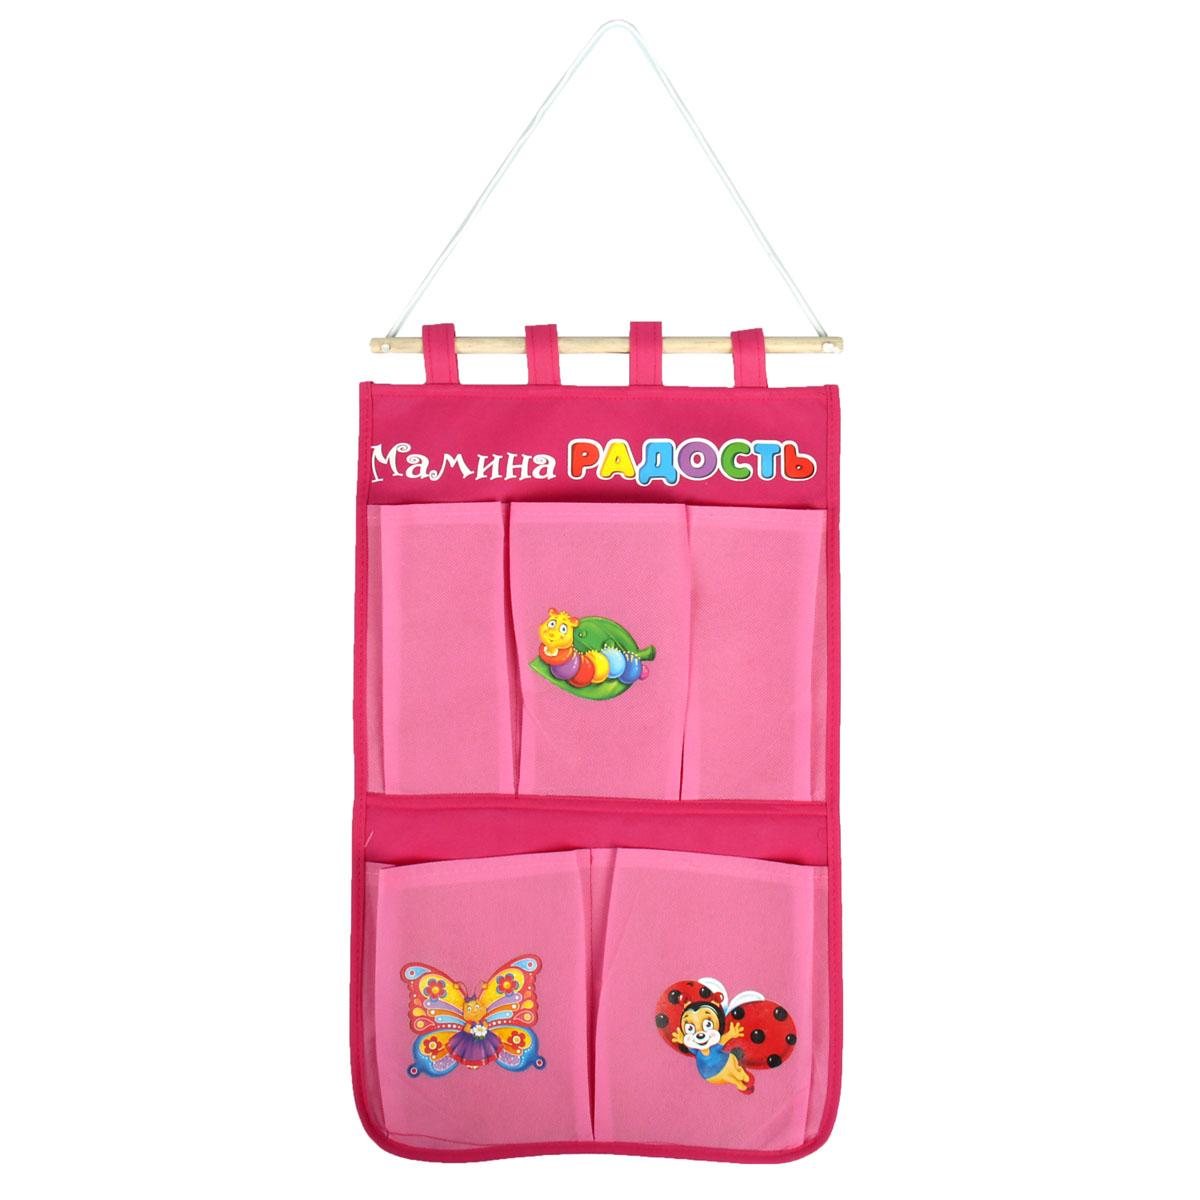 Кармашки на стену Sima-land Мамина радость, цвет: розовый, 5 шт906888Кармашки на стену Sima-land Мамина радость, изготовленные из текстиля, предназначены для хранения необходимых вещей, множества мелочей в гардеробной, ванной, детской комнатах. Изделие представляет собой текстильное полотно с 5 пришитыми кармашками. Благодаря деревянной планке и шнурку, кармашки можно подвесить на стену или дверь в необходимом для вас месте.Кармашки декорированы изображениями гусеницы, бабочки и божьей коровки.Этот нужный предмет может стать одновременно и декоративным элементом комнаты. Яркий дизайн, как ничто иное, способен оживить интерьер вашего дома.